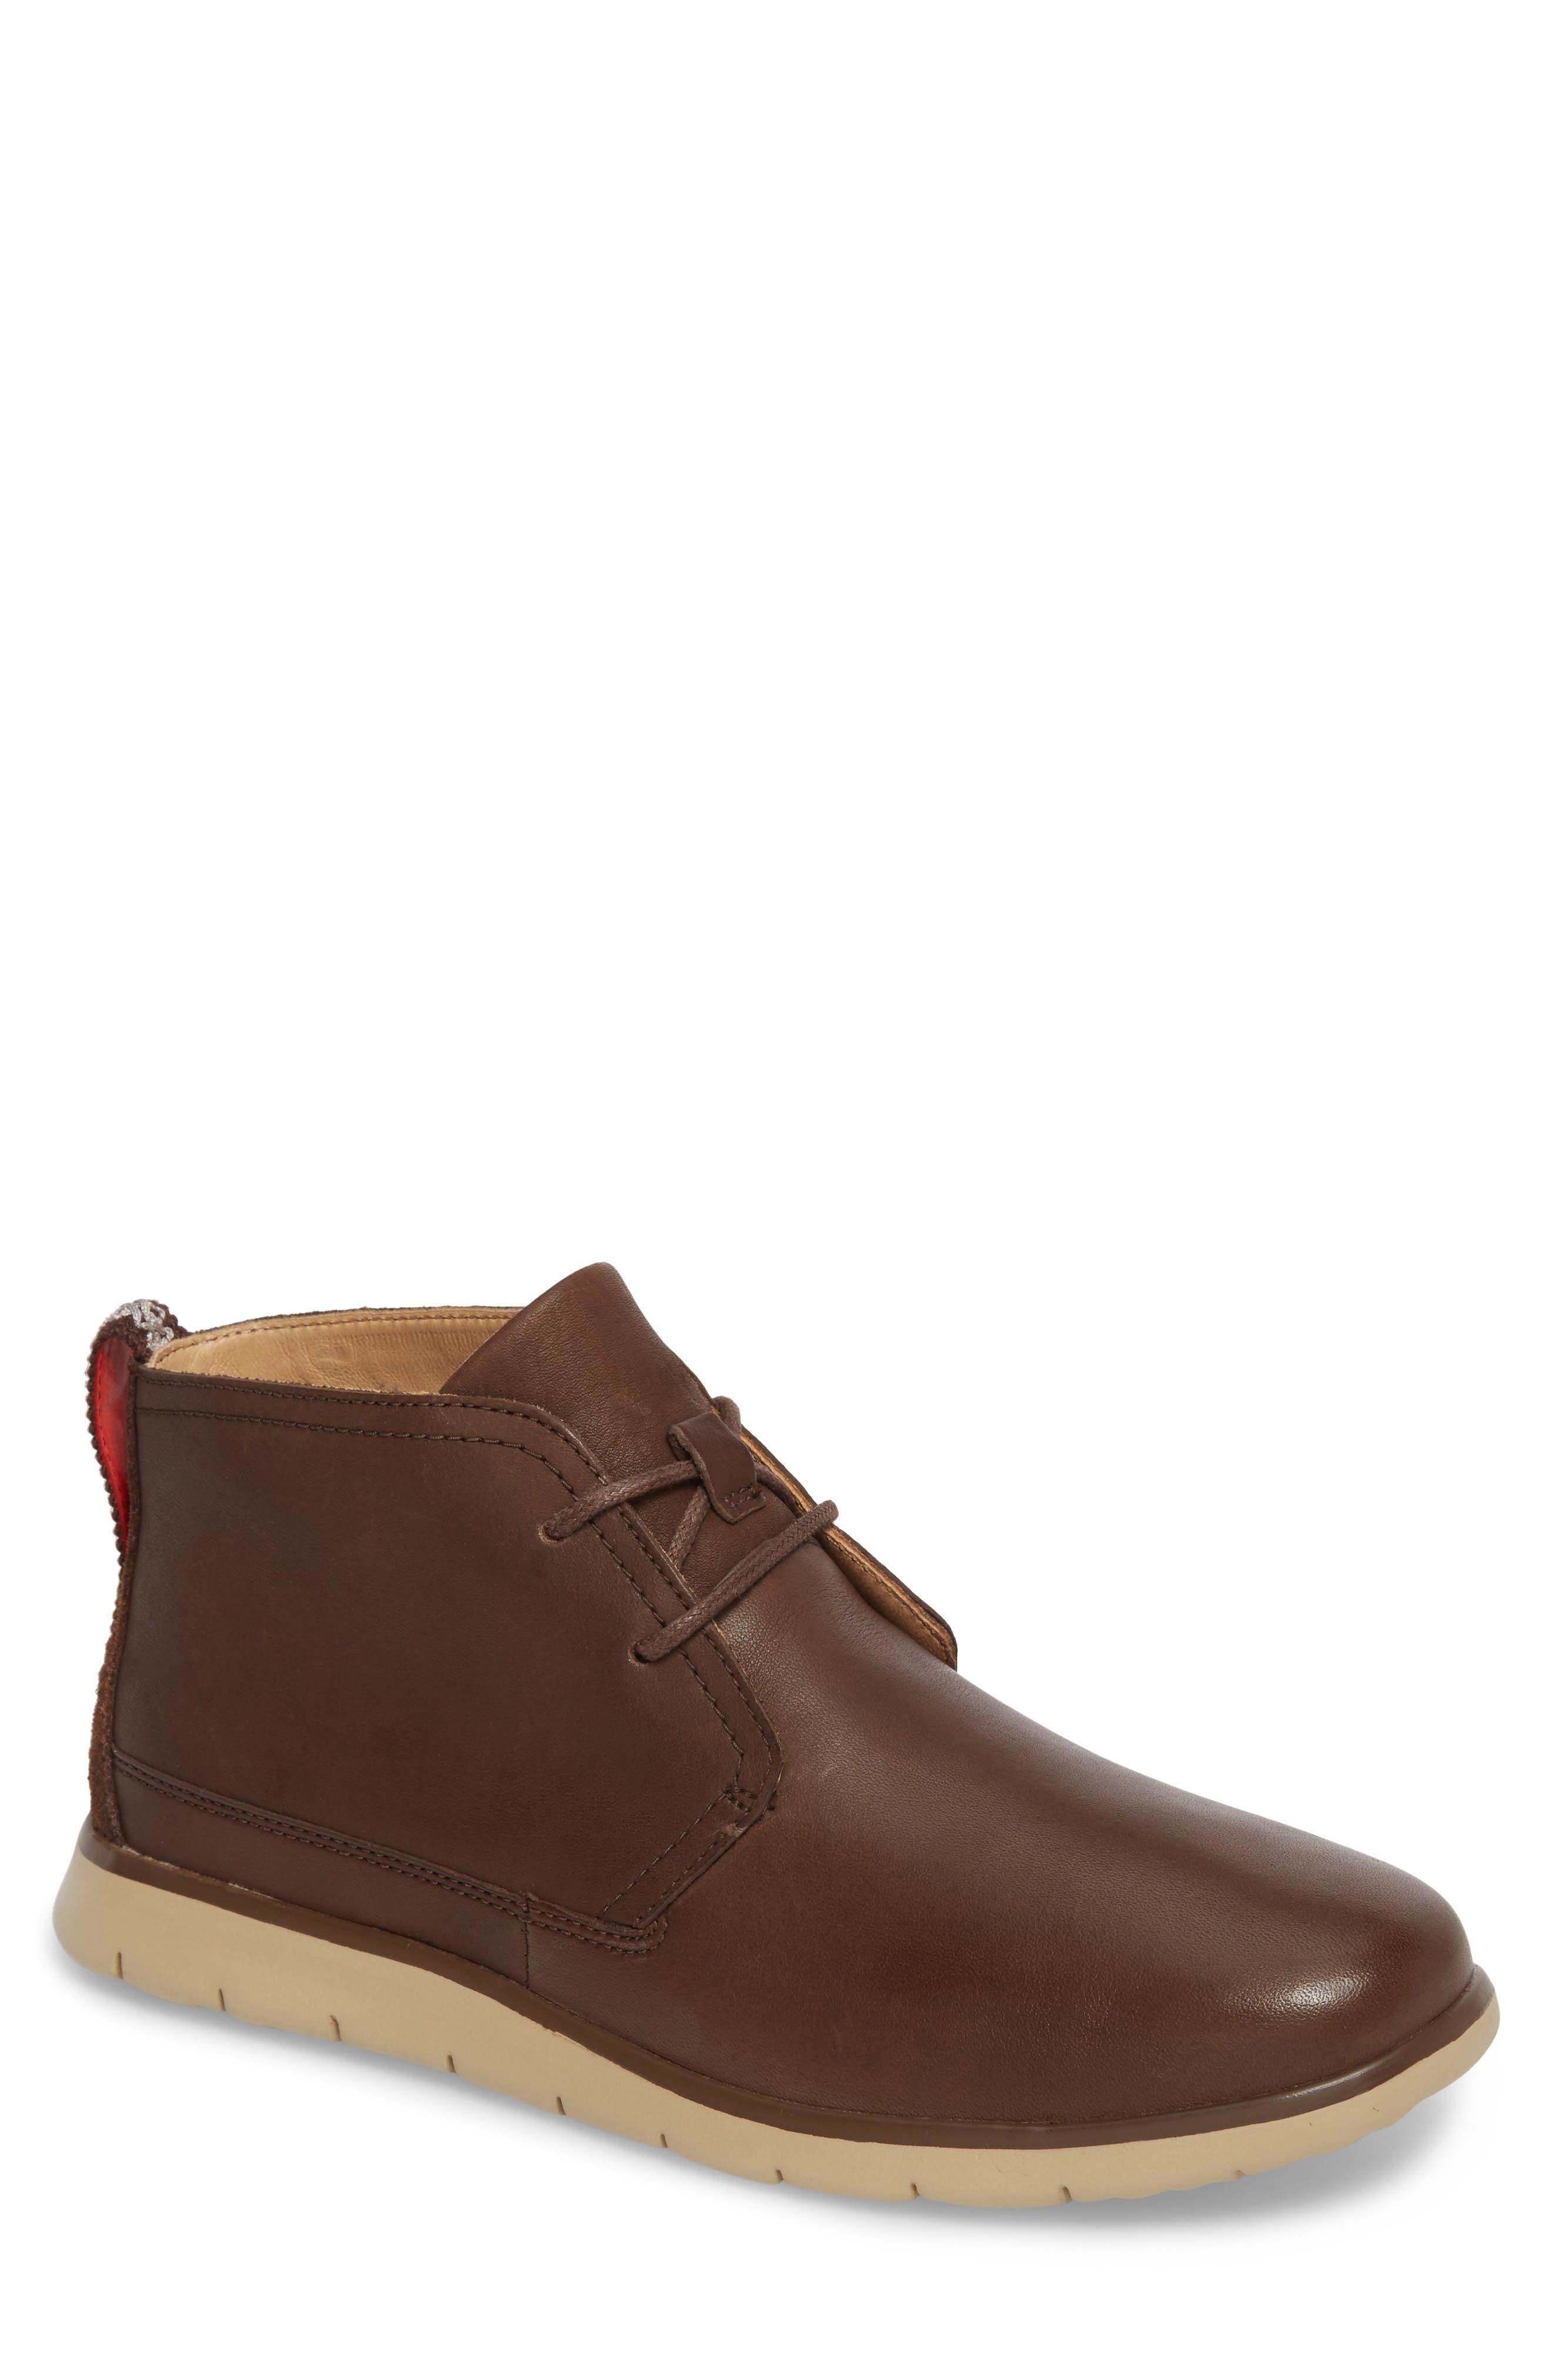 Ugg Freamon Chukka Boot, Brown